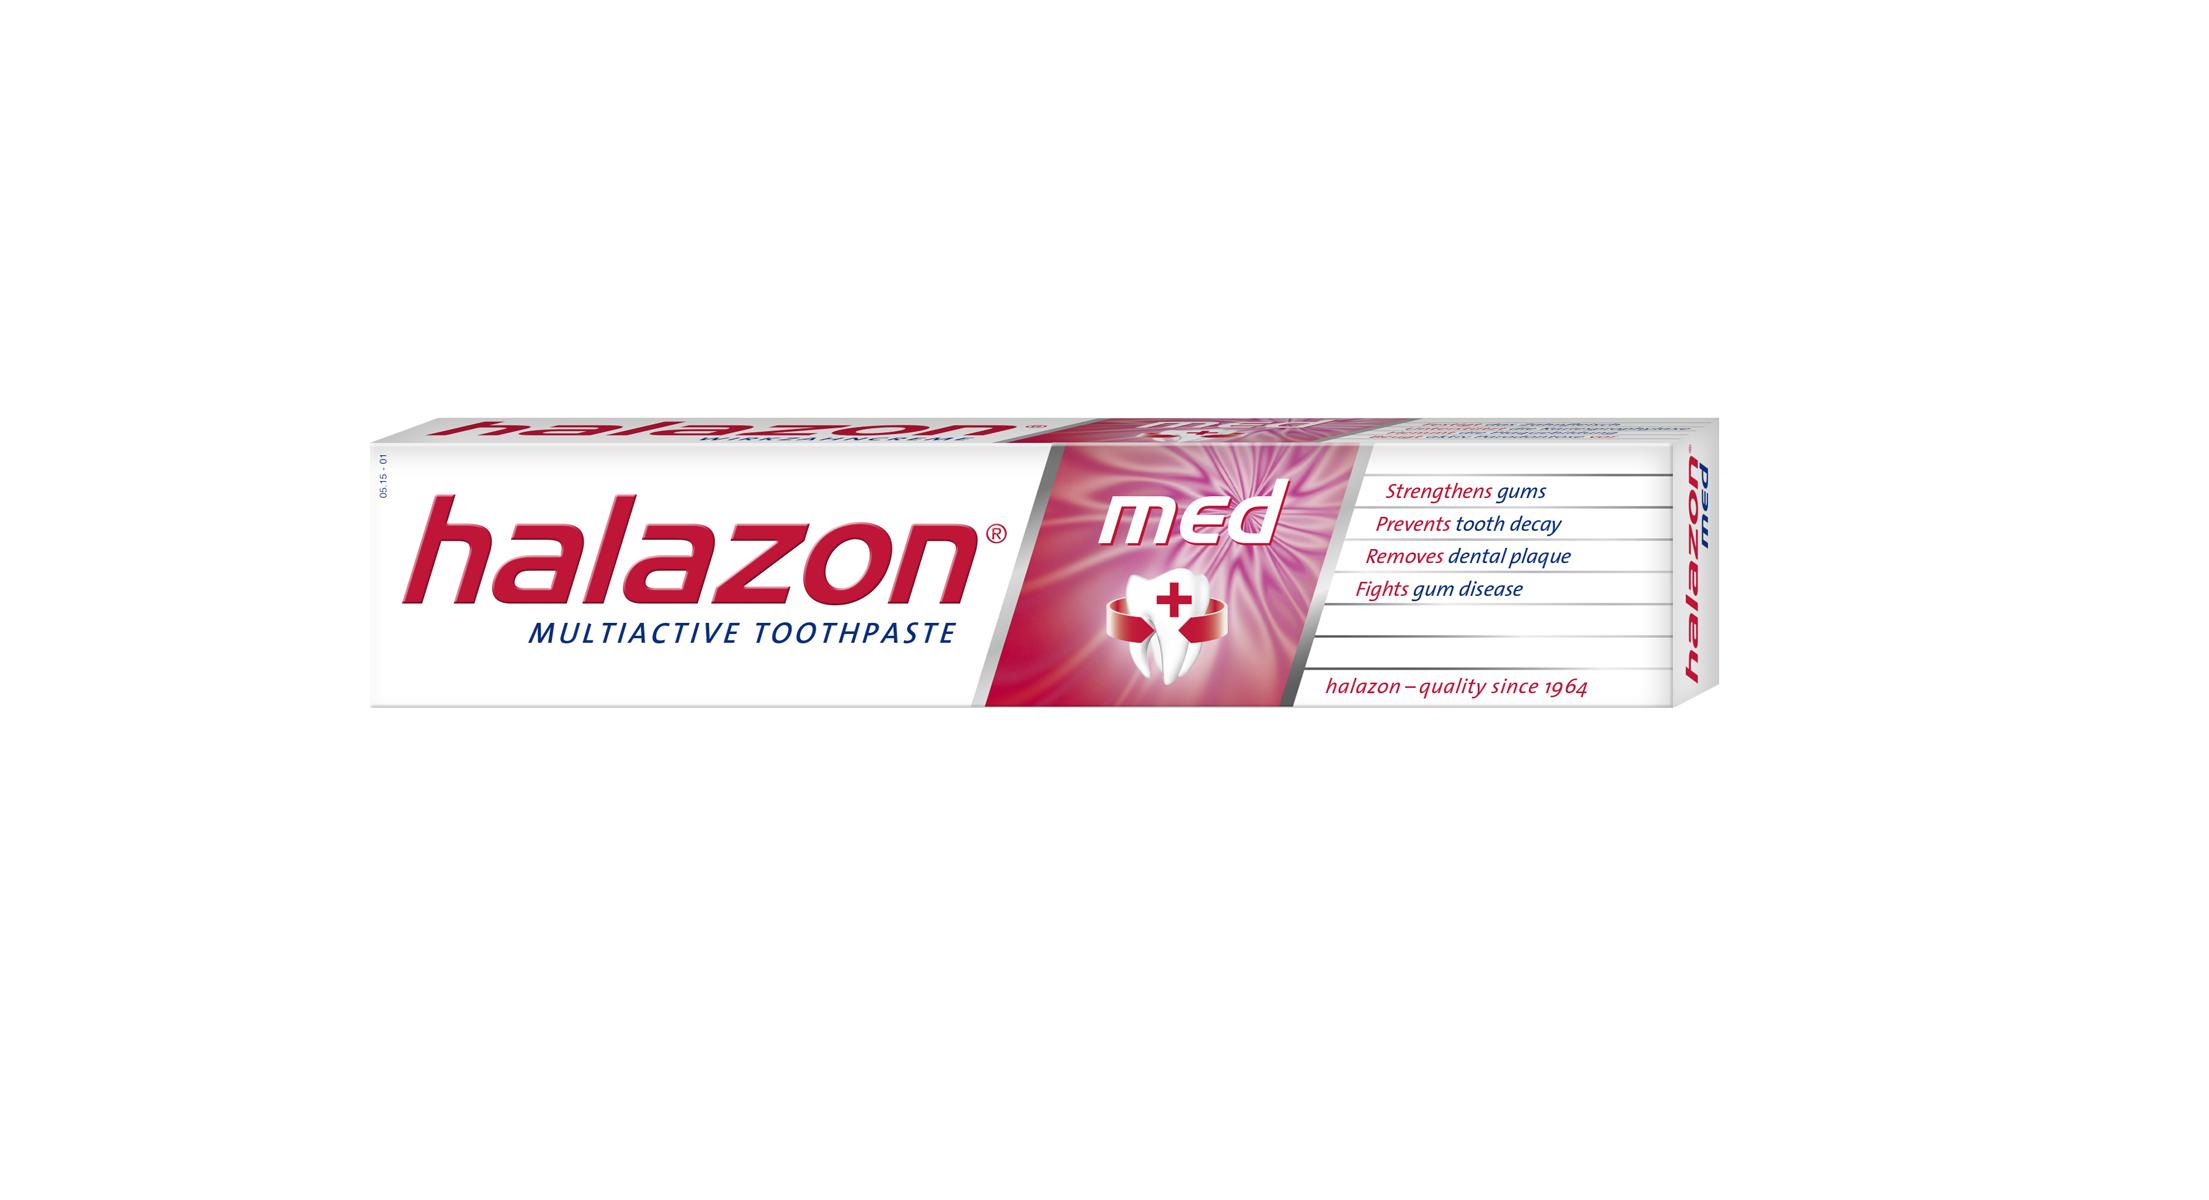 One Drop Only Зубная паста Halazon med для профилактики пародонтоза и гиперчувствительности десен, 75mlH11MЗубная паста Halazon med для профилактики пародонтоза и гиперчувствительности десен